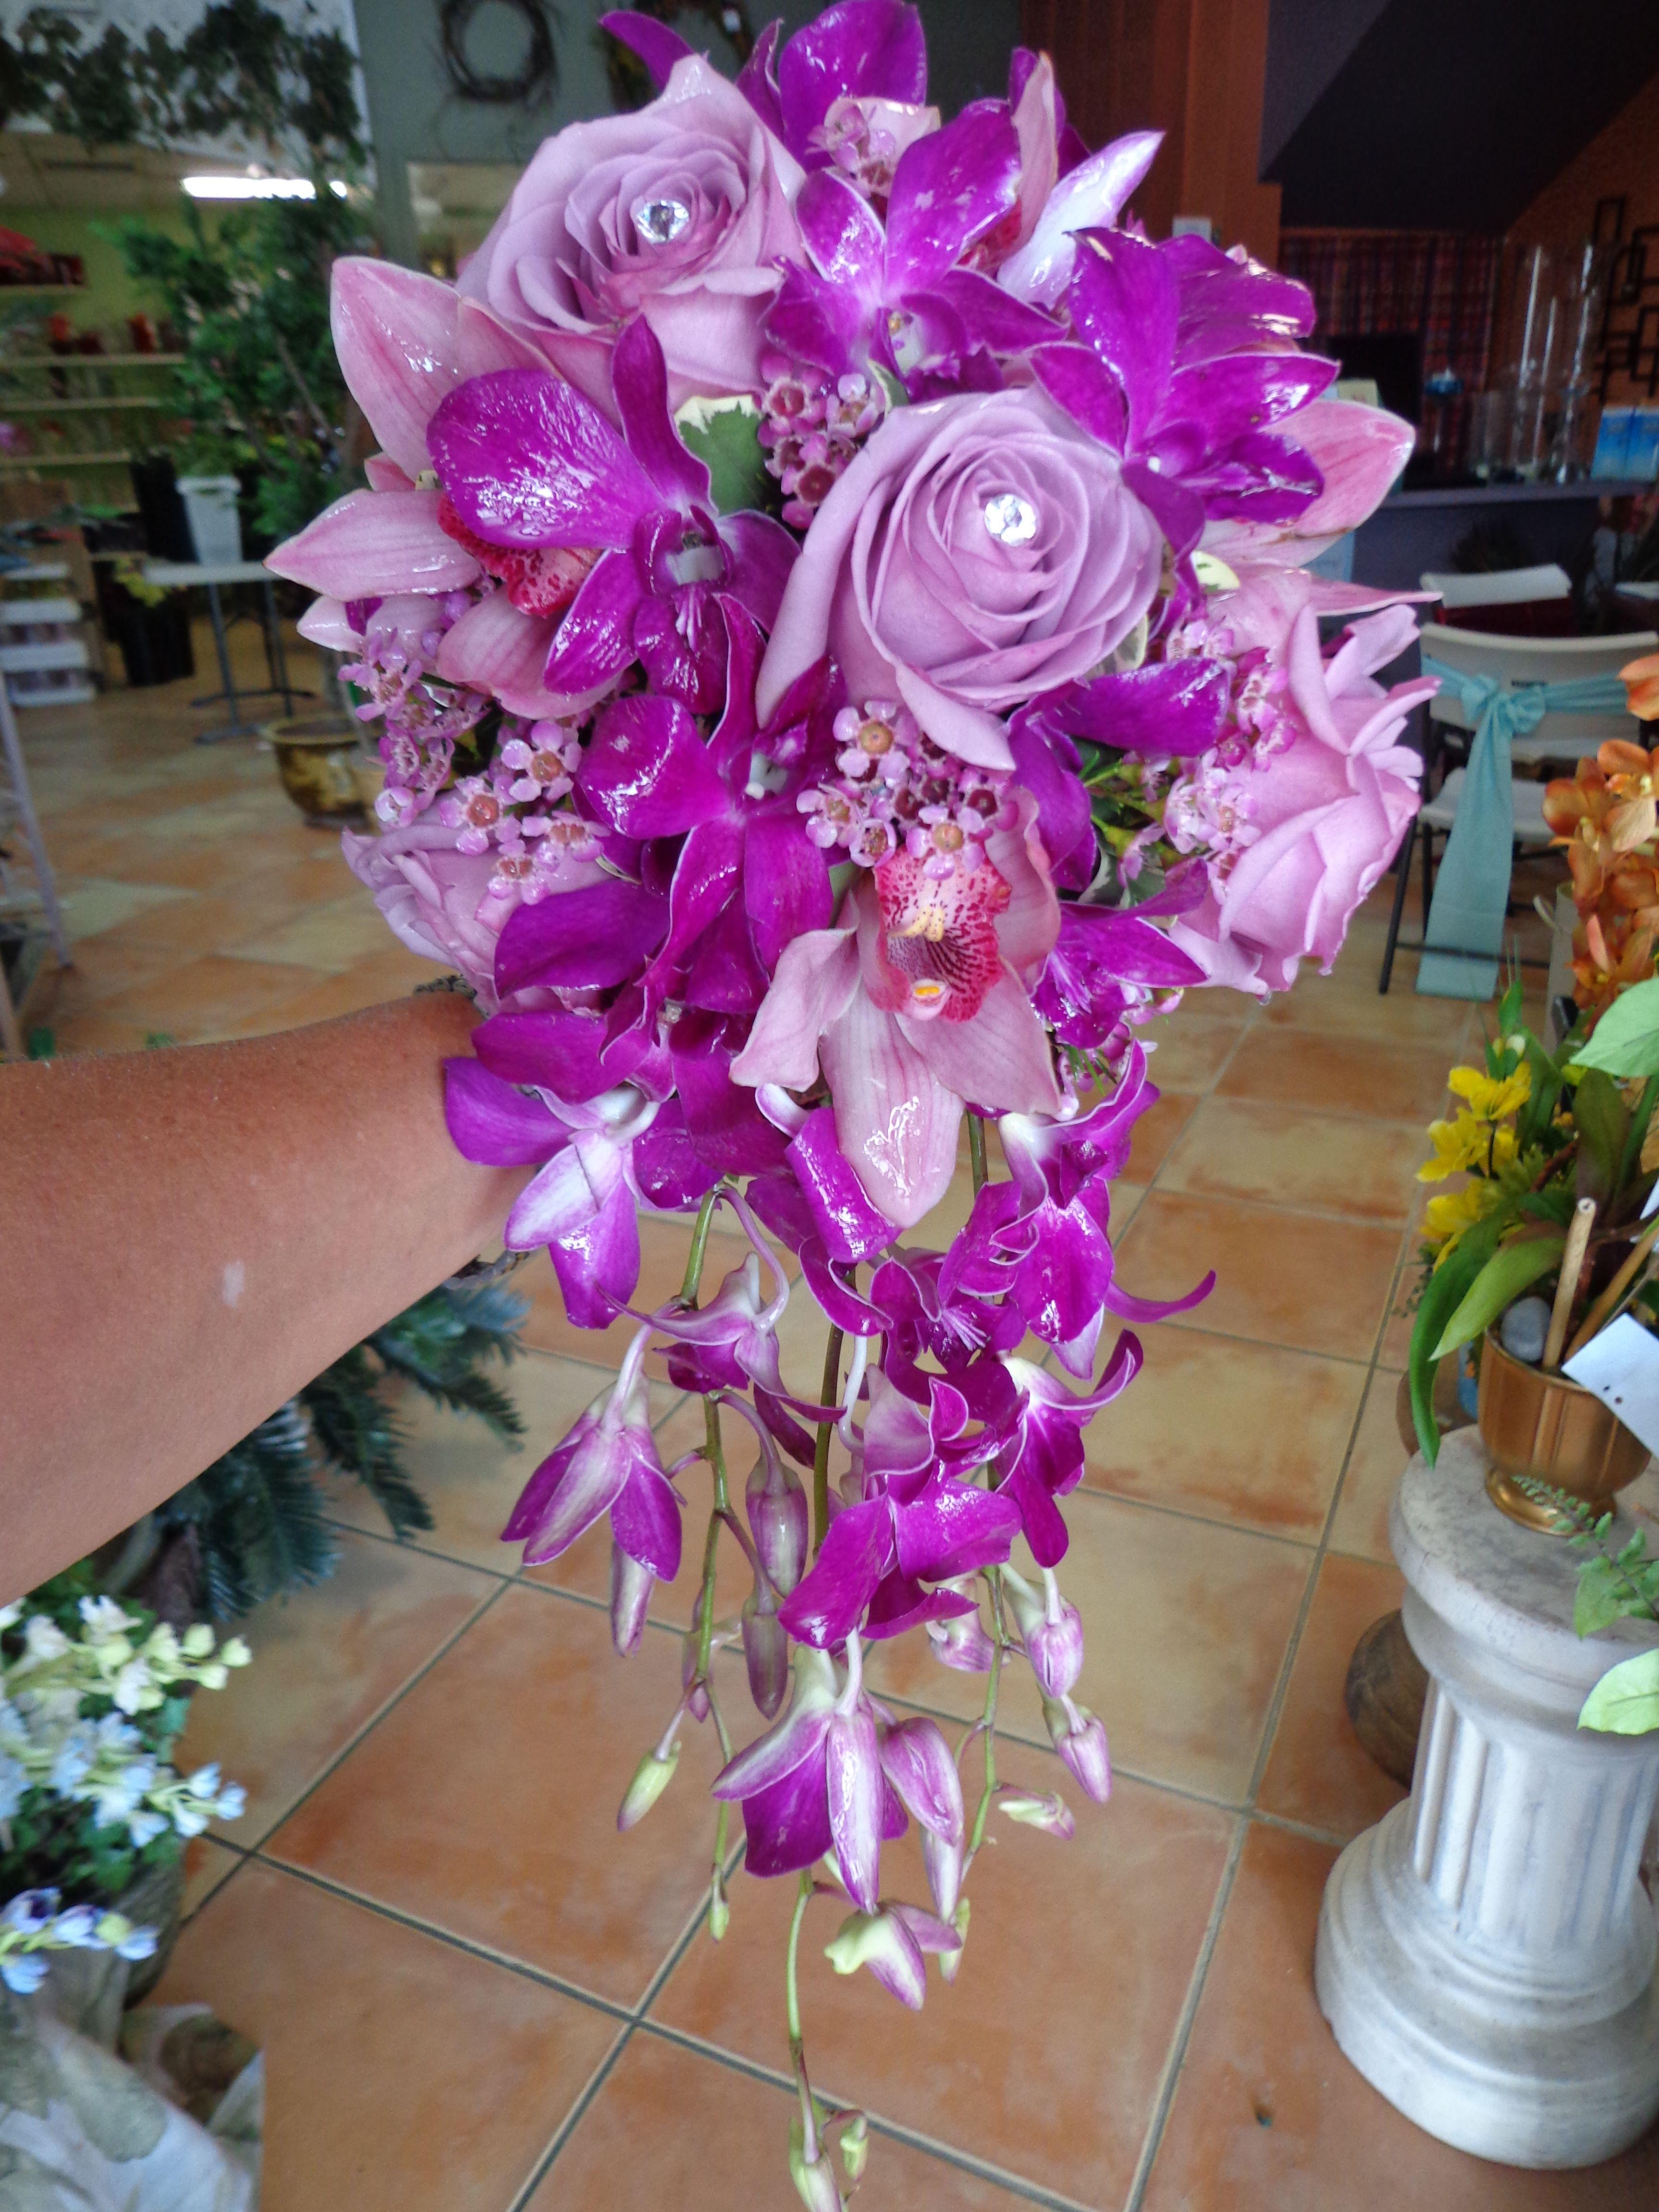 Cascading bridal bouquet of lavender Roses, mauve Cymbidium Orchids, and  purple Dendrobium Orchids. | Wedding flowers, Cascading bridal bouquets,  Bridal bouquet